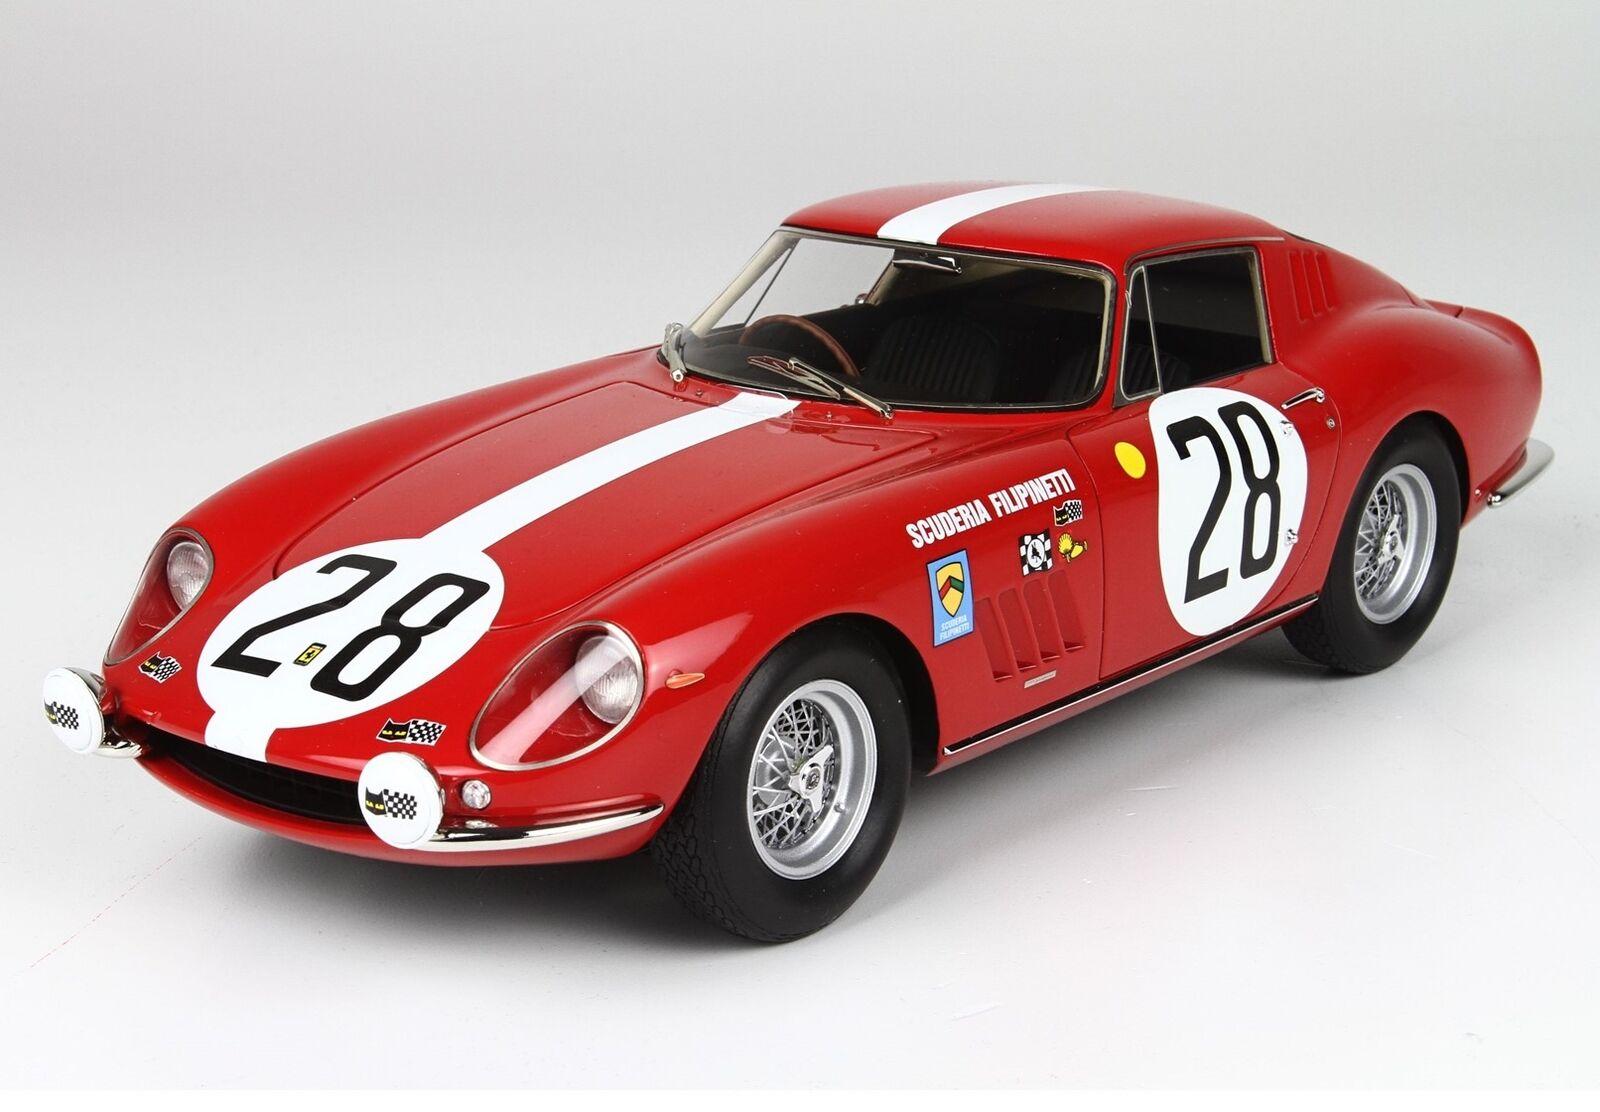 Ferrari 275 Gtb Team Scuderia Filipinetti 28 Le Mans 1967 BBR 1:18 BBR1828